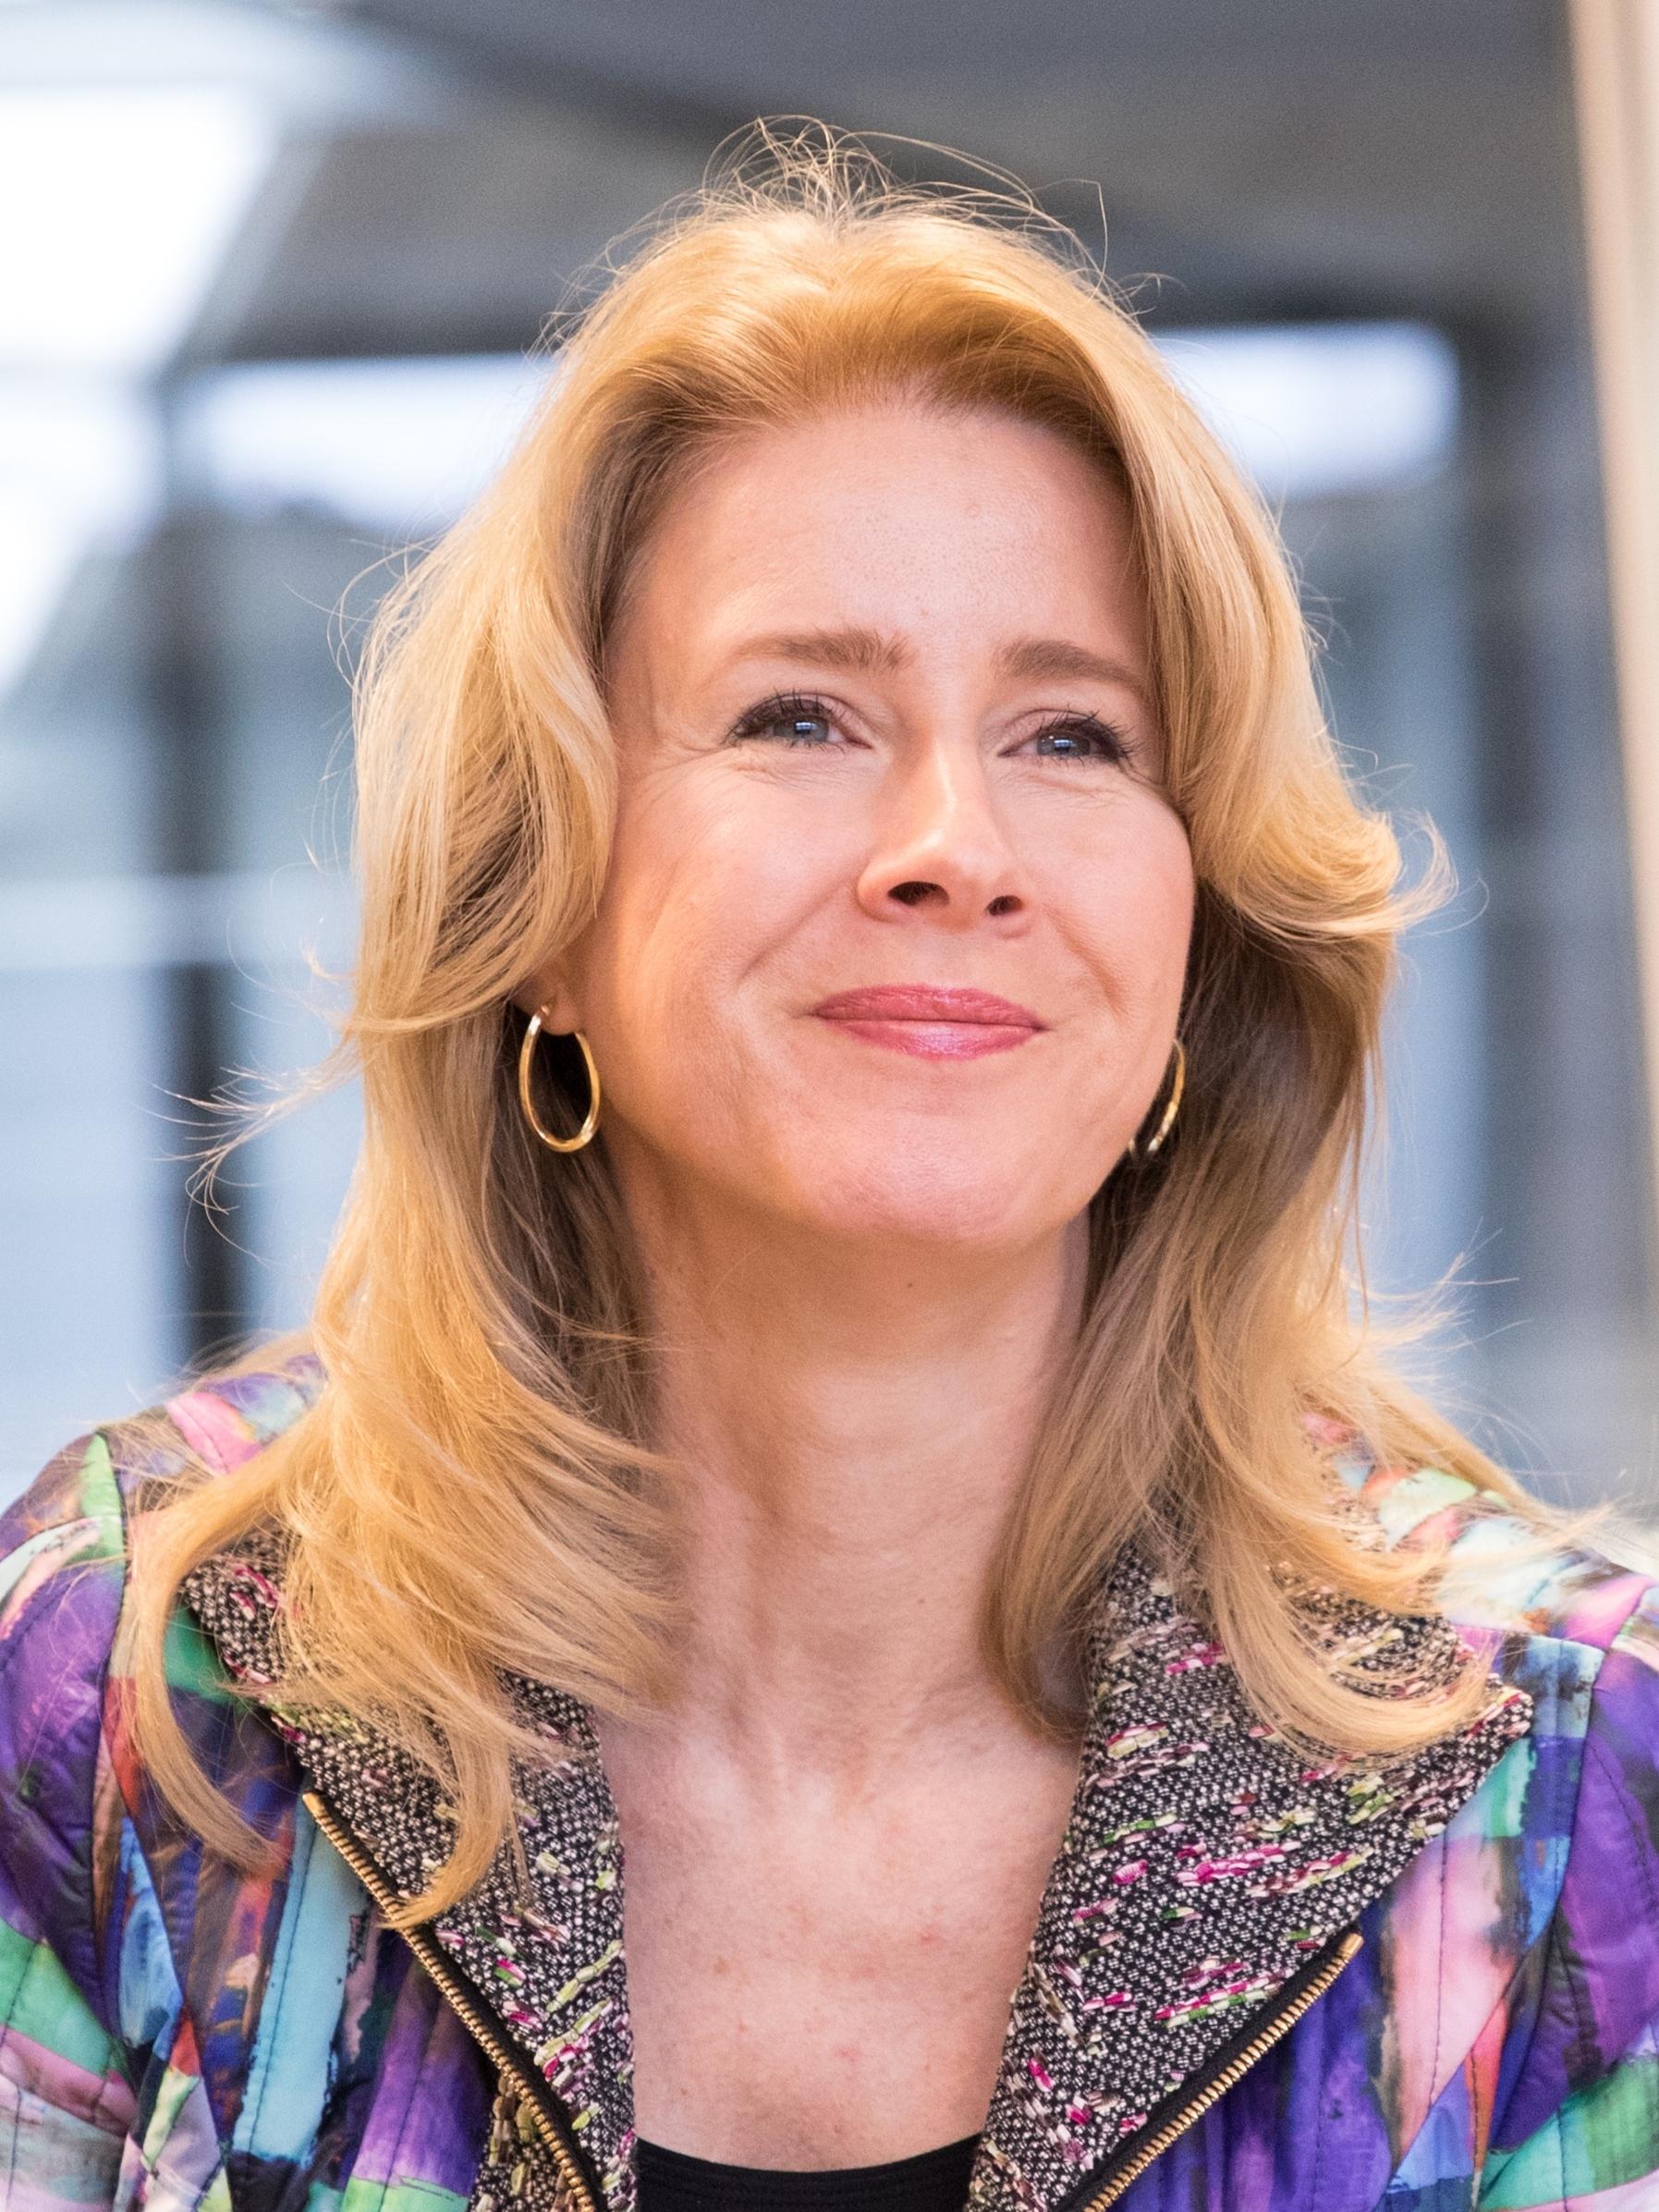 Mona Keijzer - Wikipedia